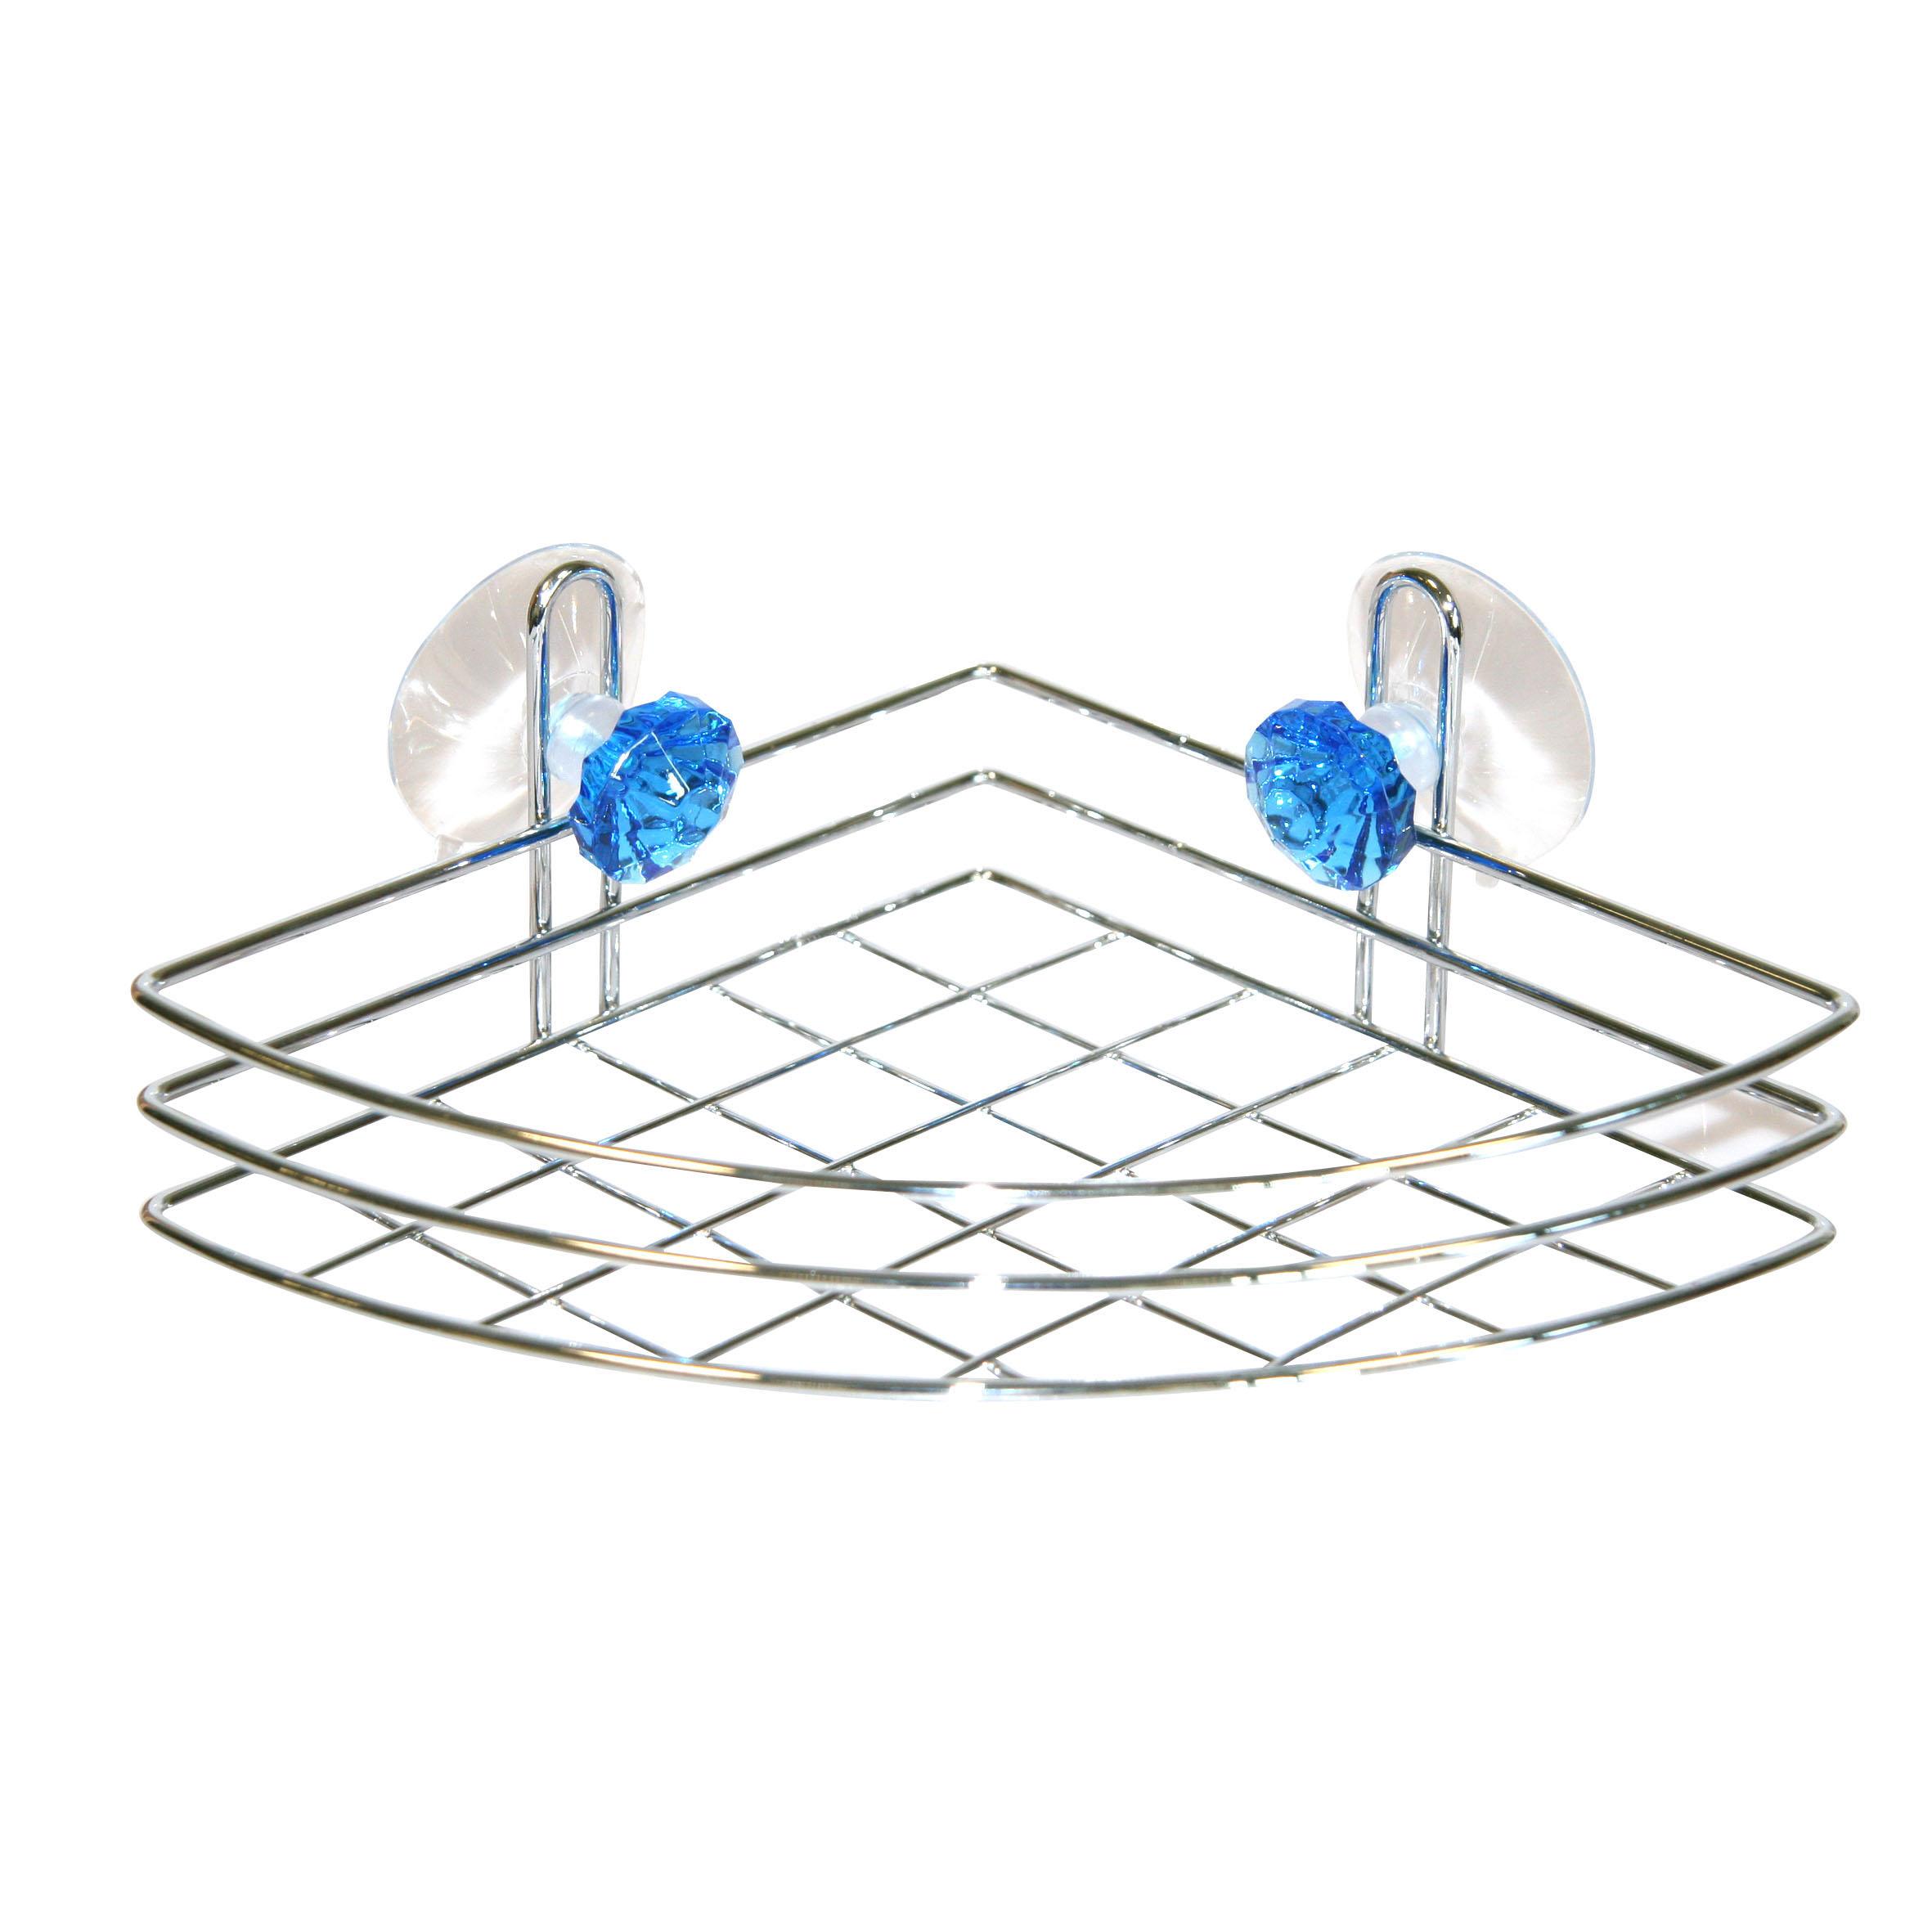 Полка для ванной Top Star Kristall, угловая, одноярусная, 18 х 18 х 6,5 см531-105Трехъярусная полка для ванной Top Star Kristall изготовлена из стали с качественным хромированным покрытием, которое на долго защитит изделие от ржавчины в условиях высокой влажности в ванной комнате. Изделие имеет угловую конструкцию и крепится на присосках (входят в комплект). Классический дизайн и оптимальная вместимость подойдет для любого интерьера ванной комнаты или кухни.